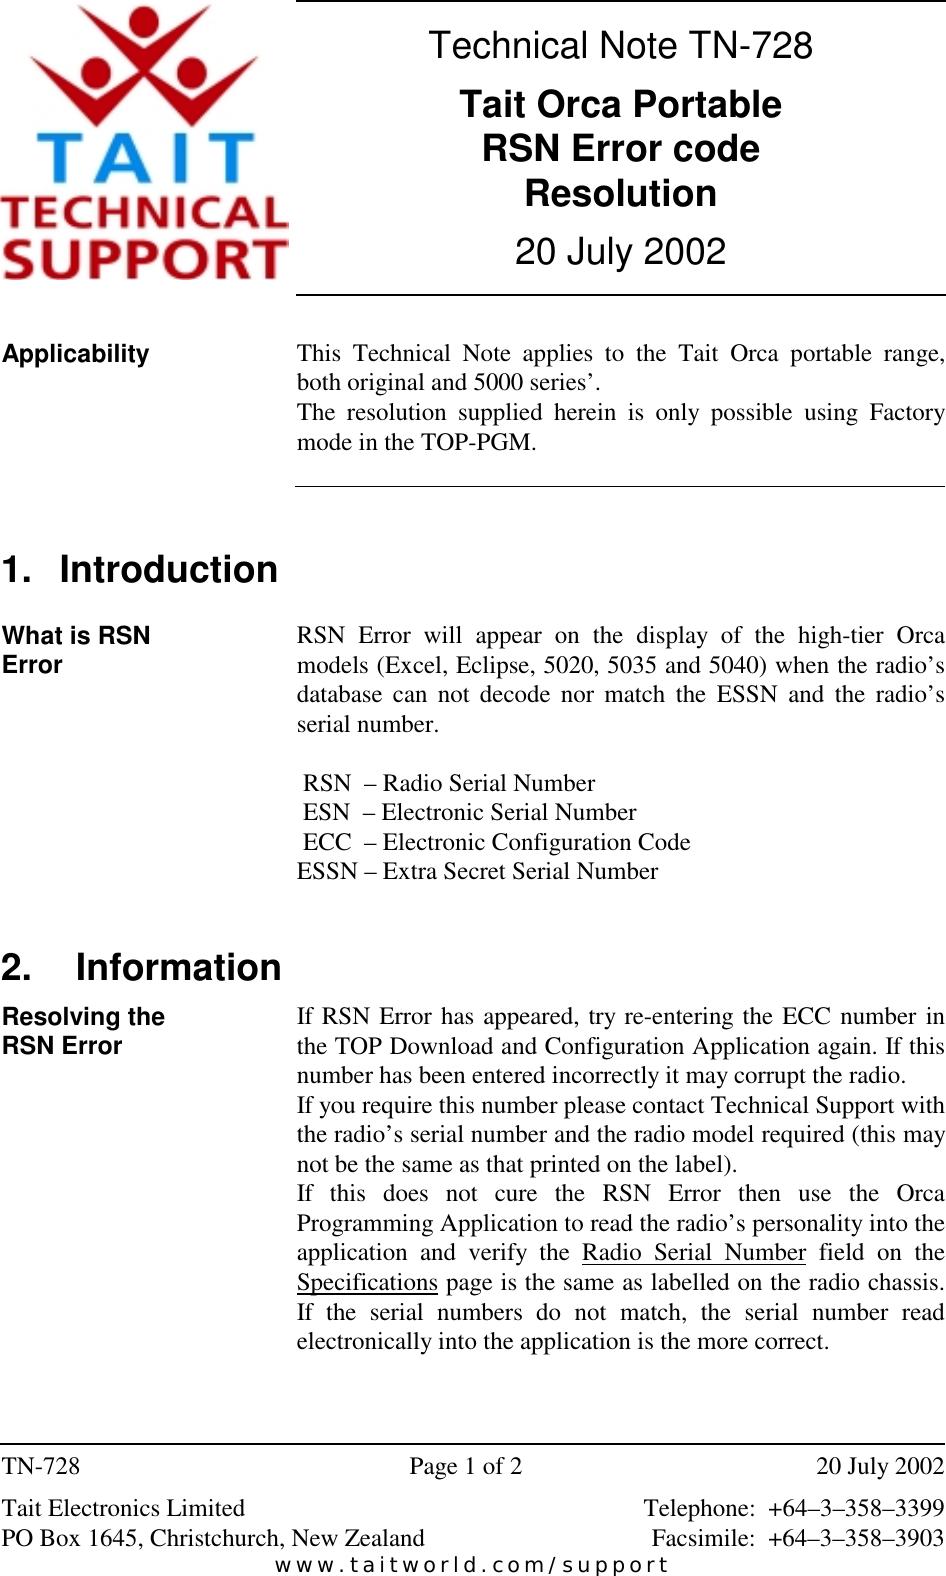 Page 1 of 2 - TECHNOTE/T5000/TN-728_ORCA RSN Error Code Fix TN-728 ORCA